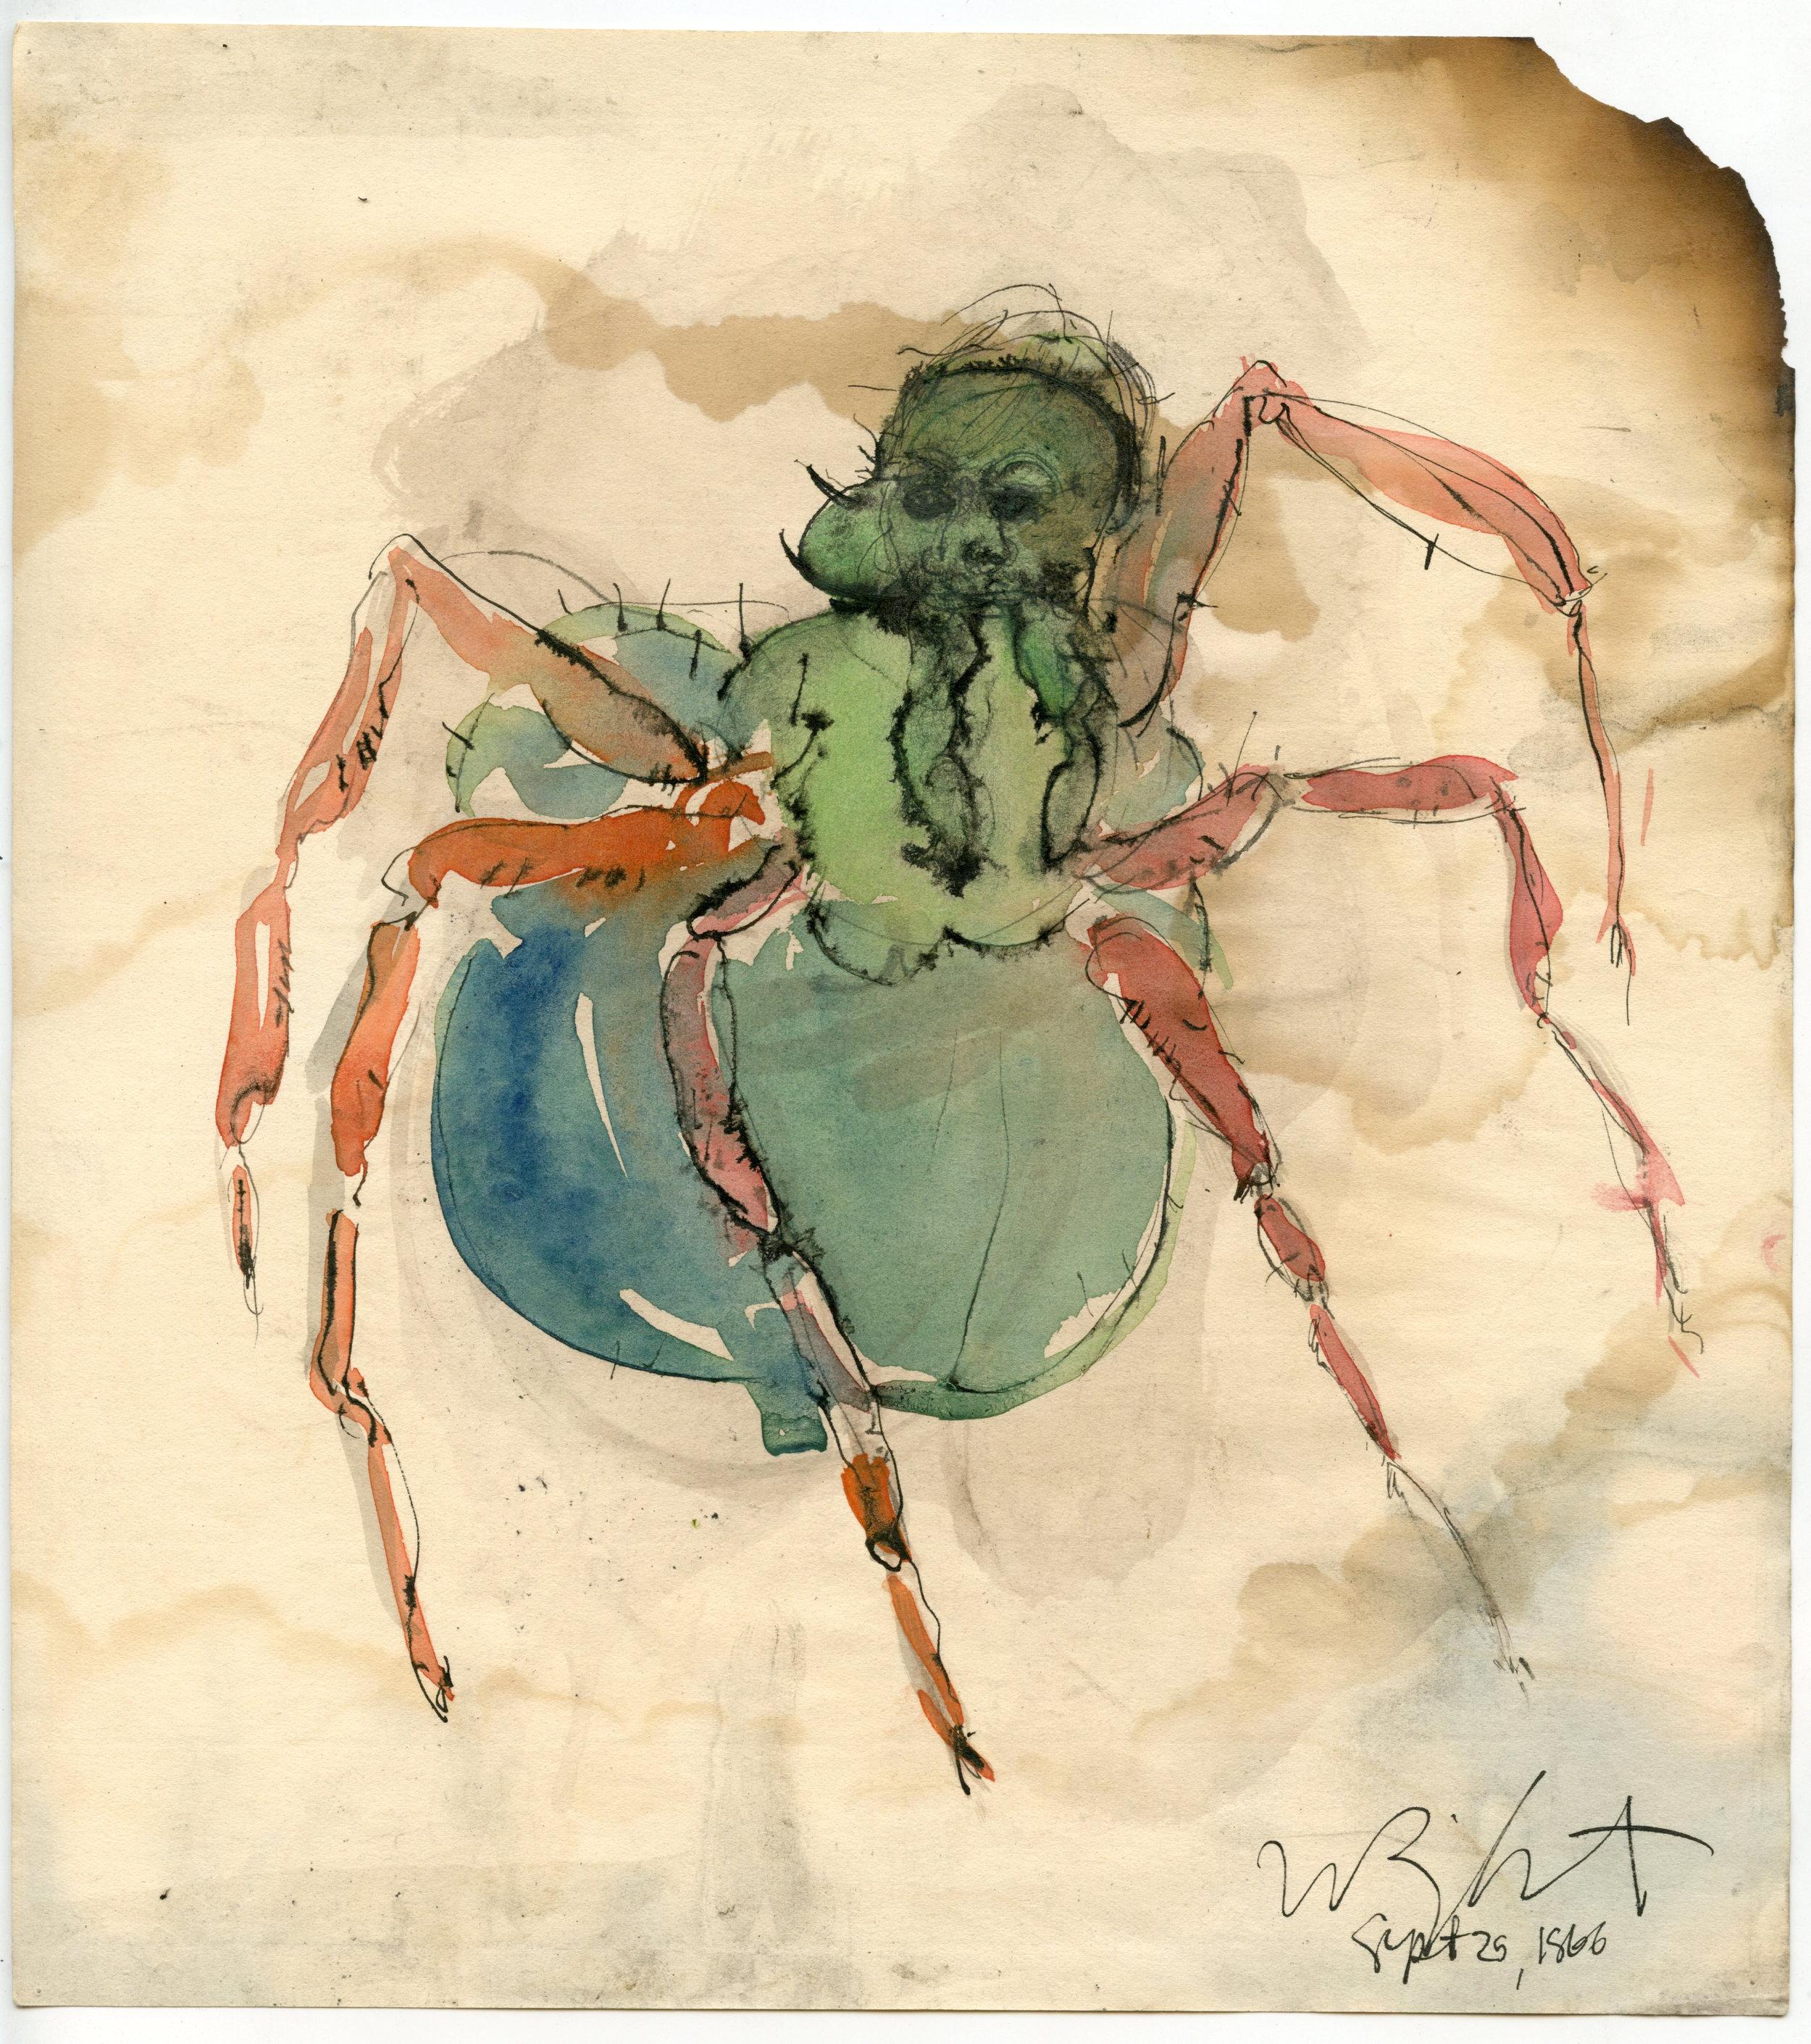 """Spider, 1966 Ink on paper, framed 9.25 x 8.5"""""""